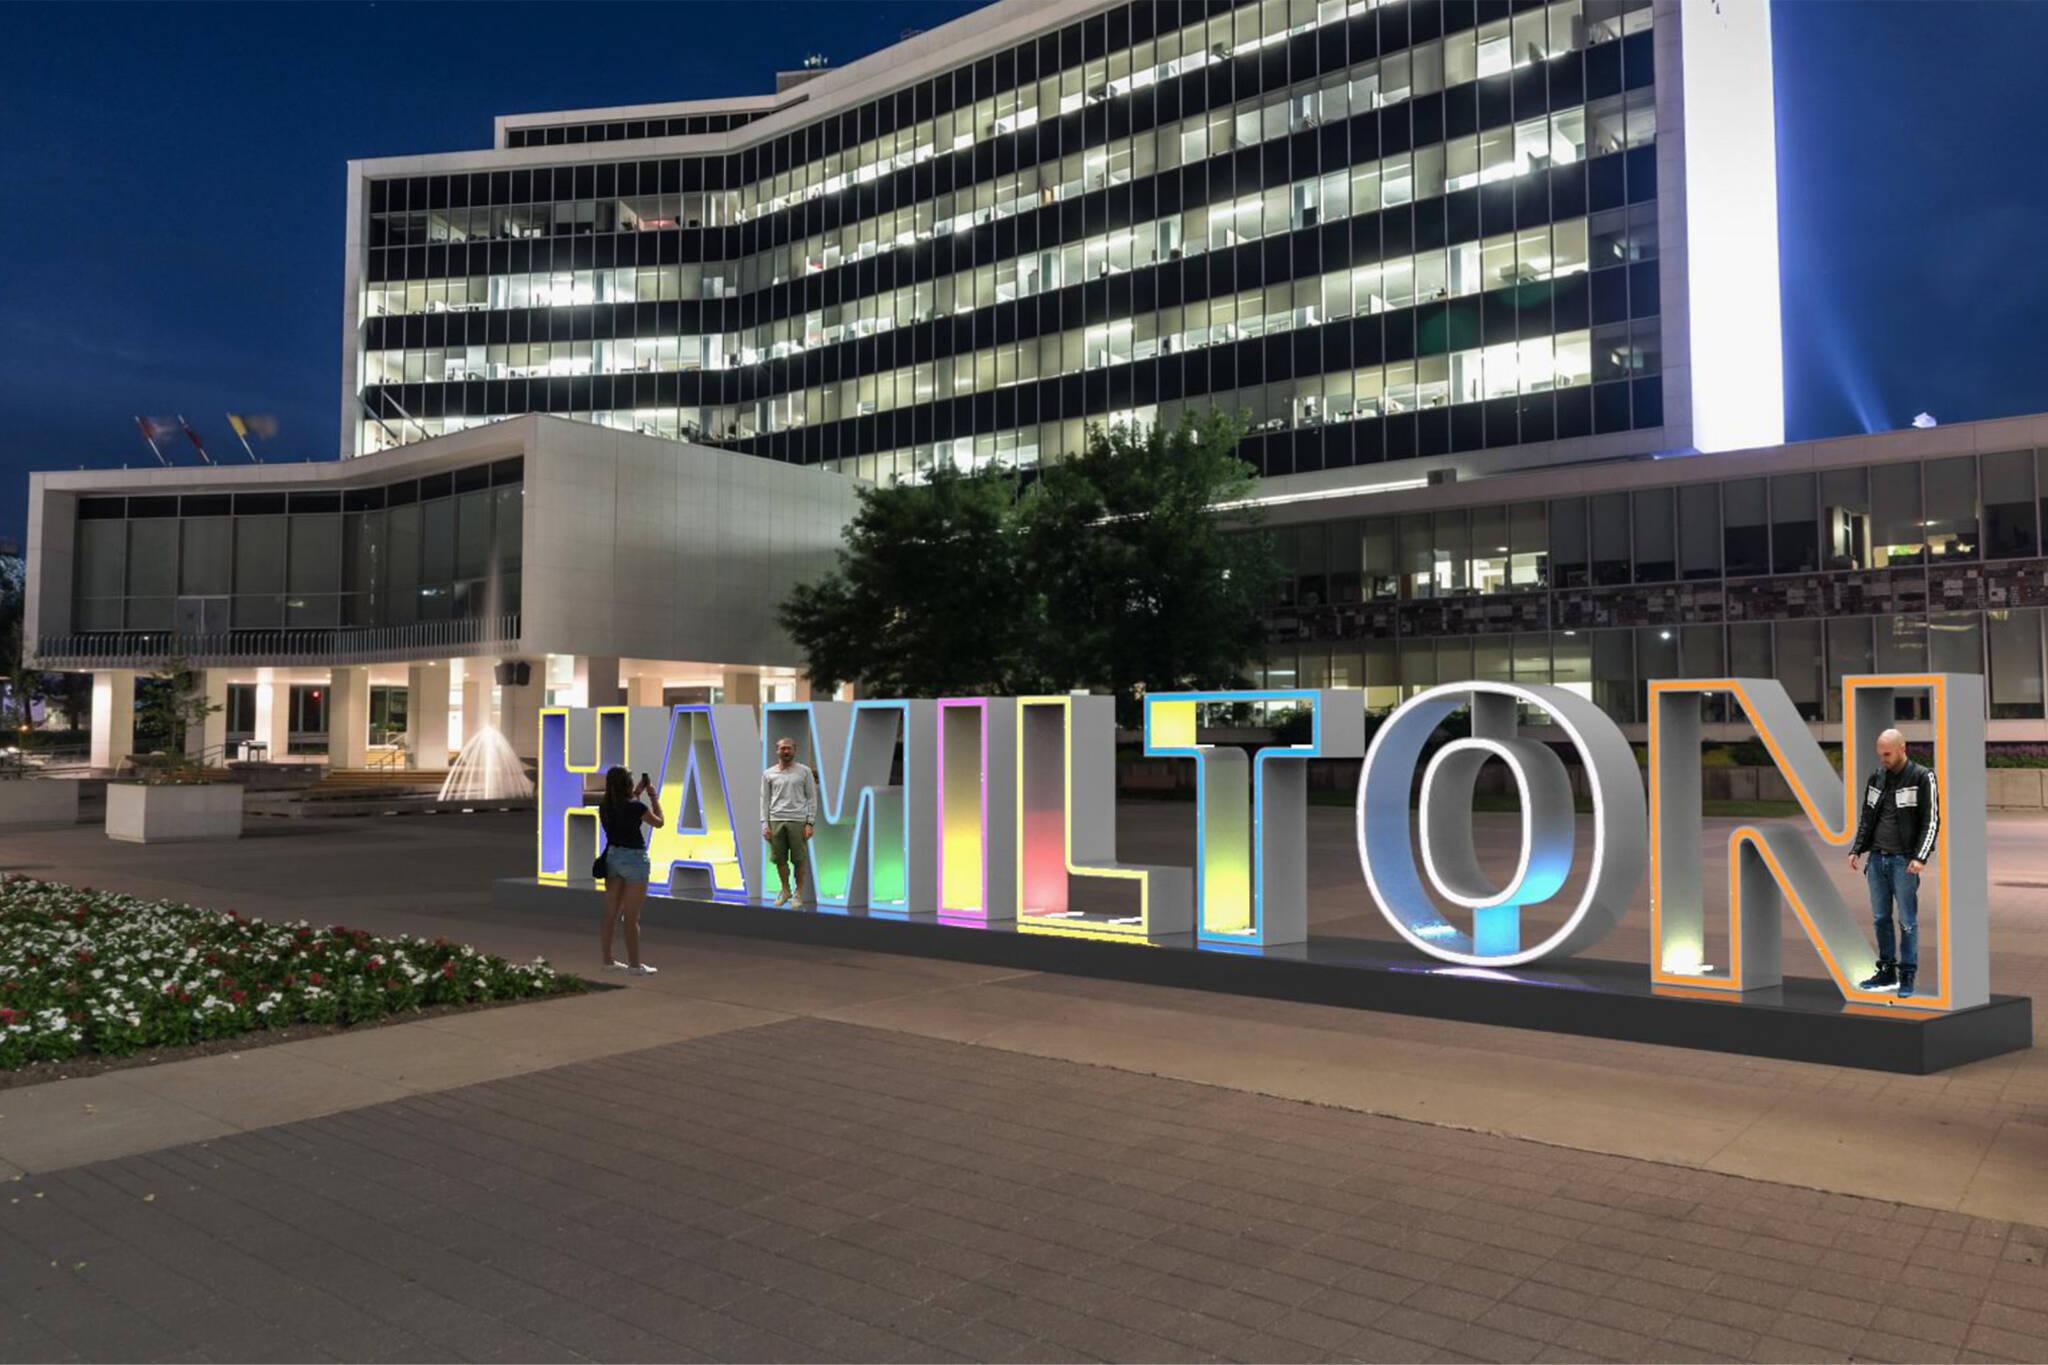 hamilton city sign